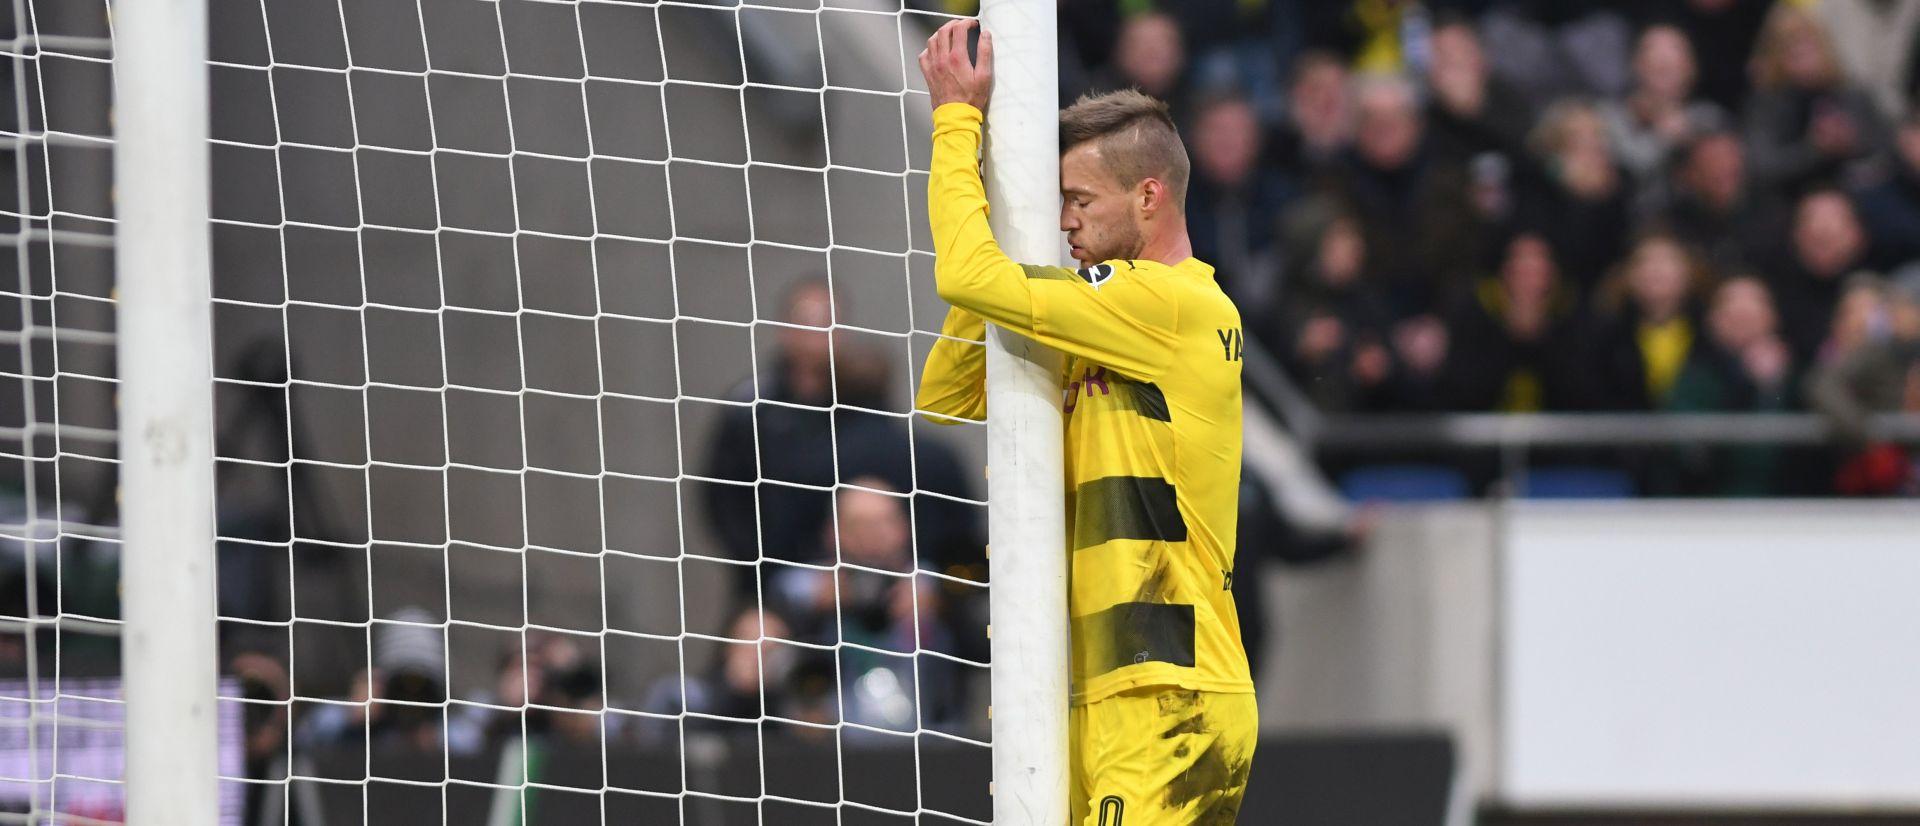 NEMOGUĆE Borussia (D) prosula 4:0 u ruhrskom derbiju